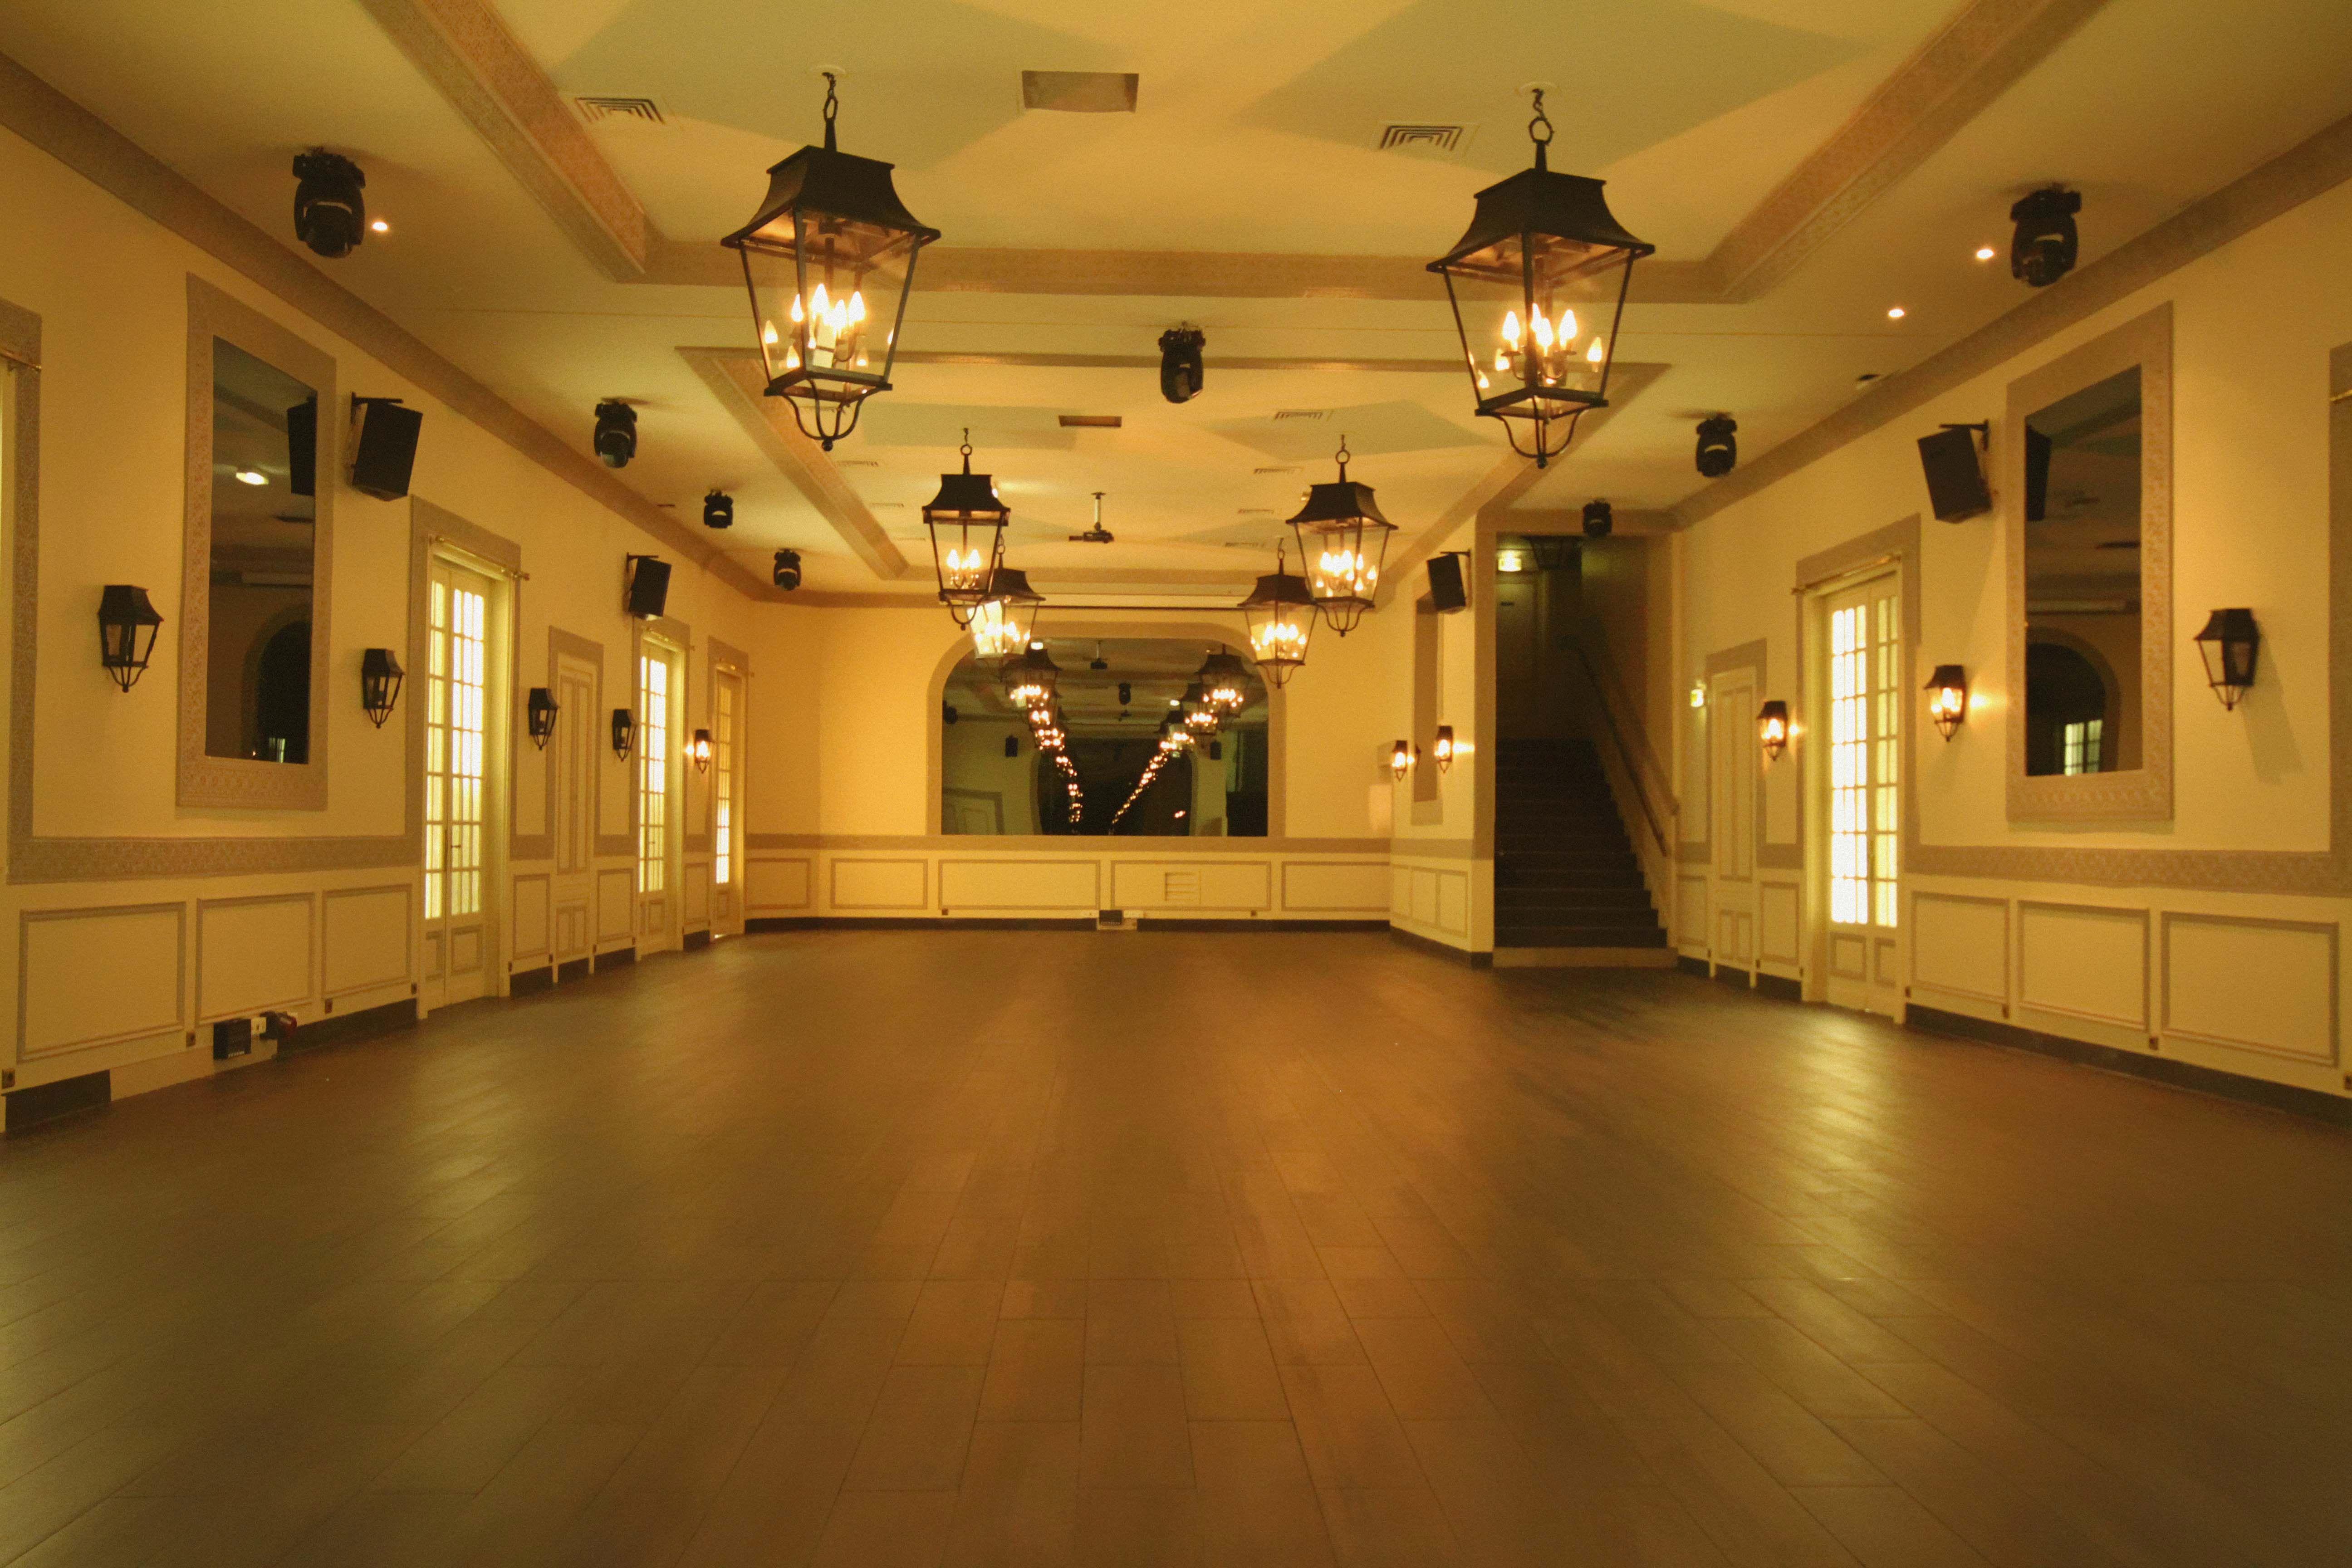 Location salons vianey le site de l 39 ev nementiel for Salons vianey